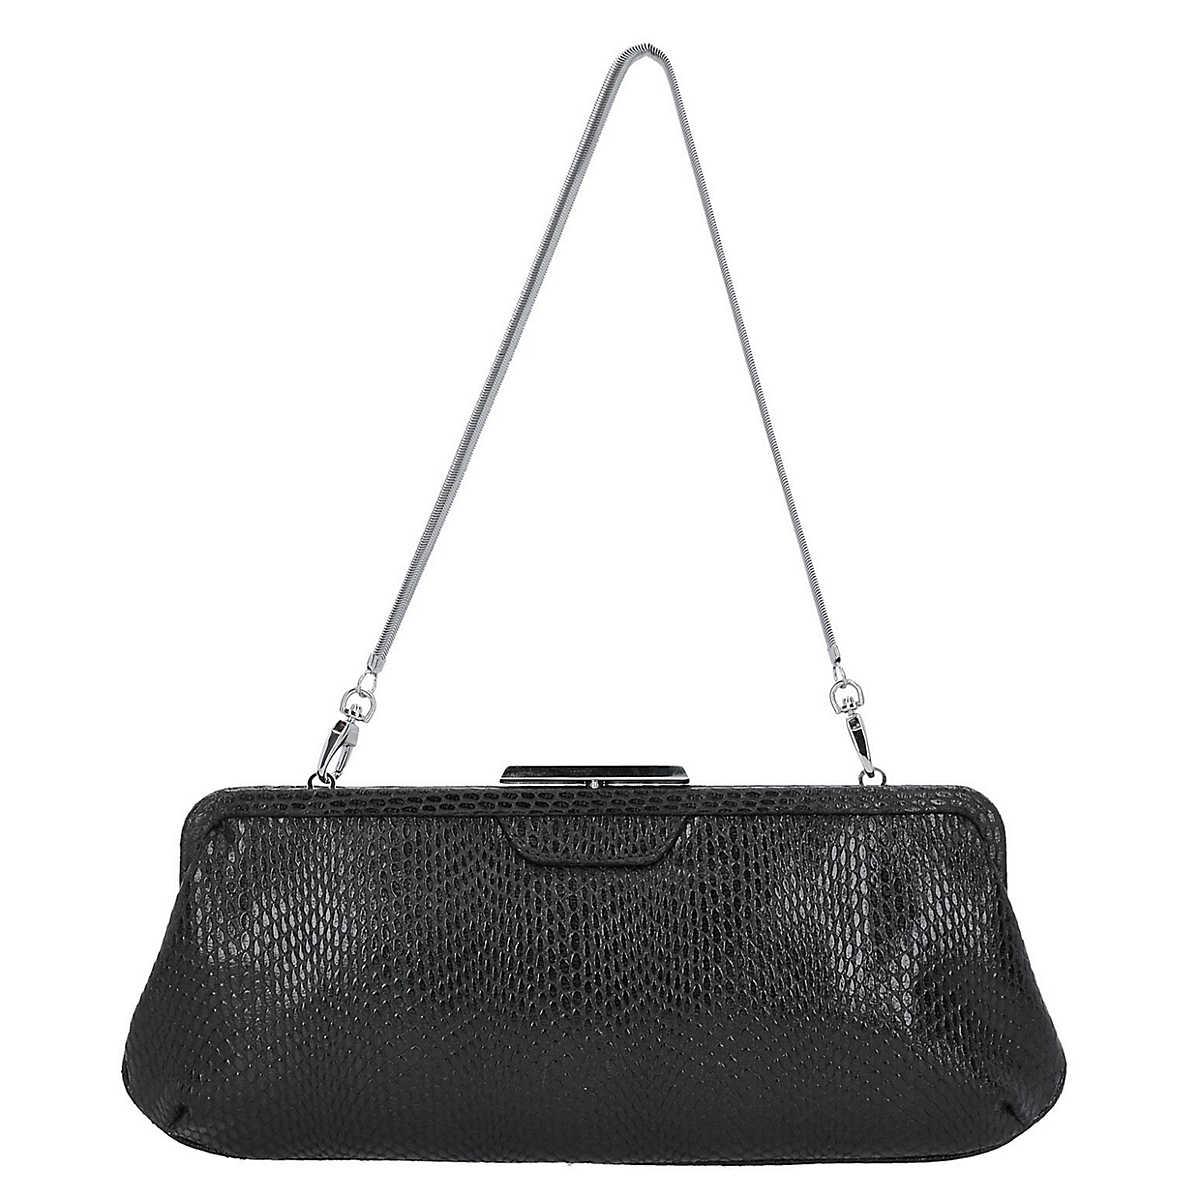 PICARD Auguri Damentasche Leder 34 cm schwarz - PICARD - Clutch & Abendtaschen - Taschen - mirapodo.de